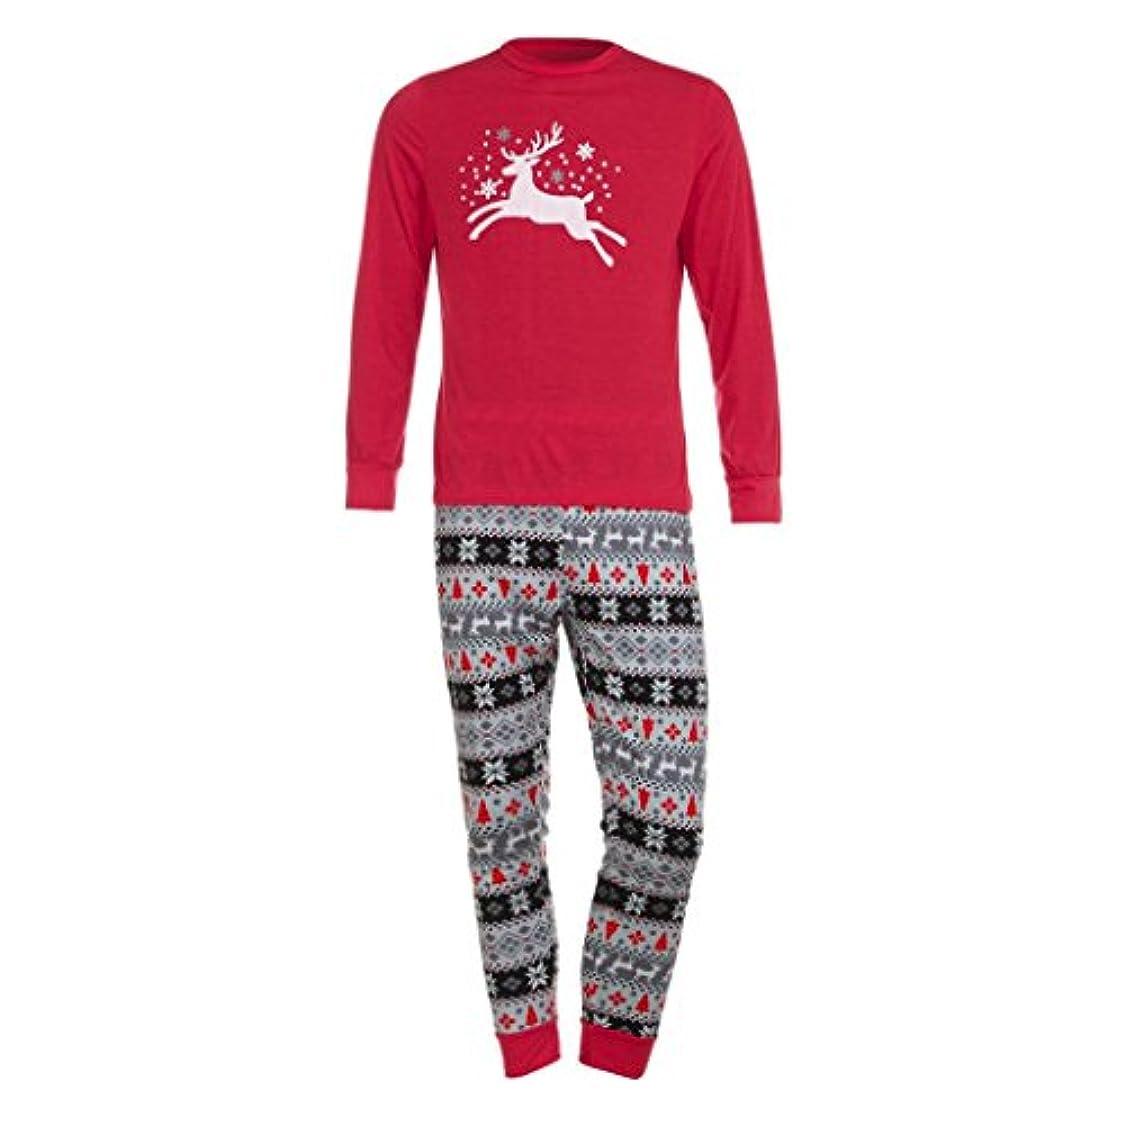 拘束するガチョウ流すファミリMatchingパジャマセットクリスマス鹿Tシャツトップスブラウスパンツfor the Family (メンズ) L グレイ TZZ70703662